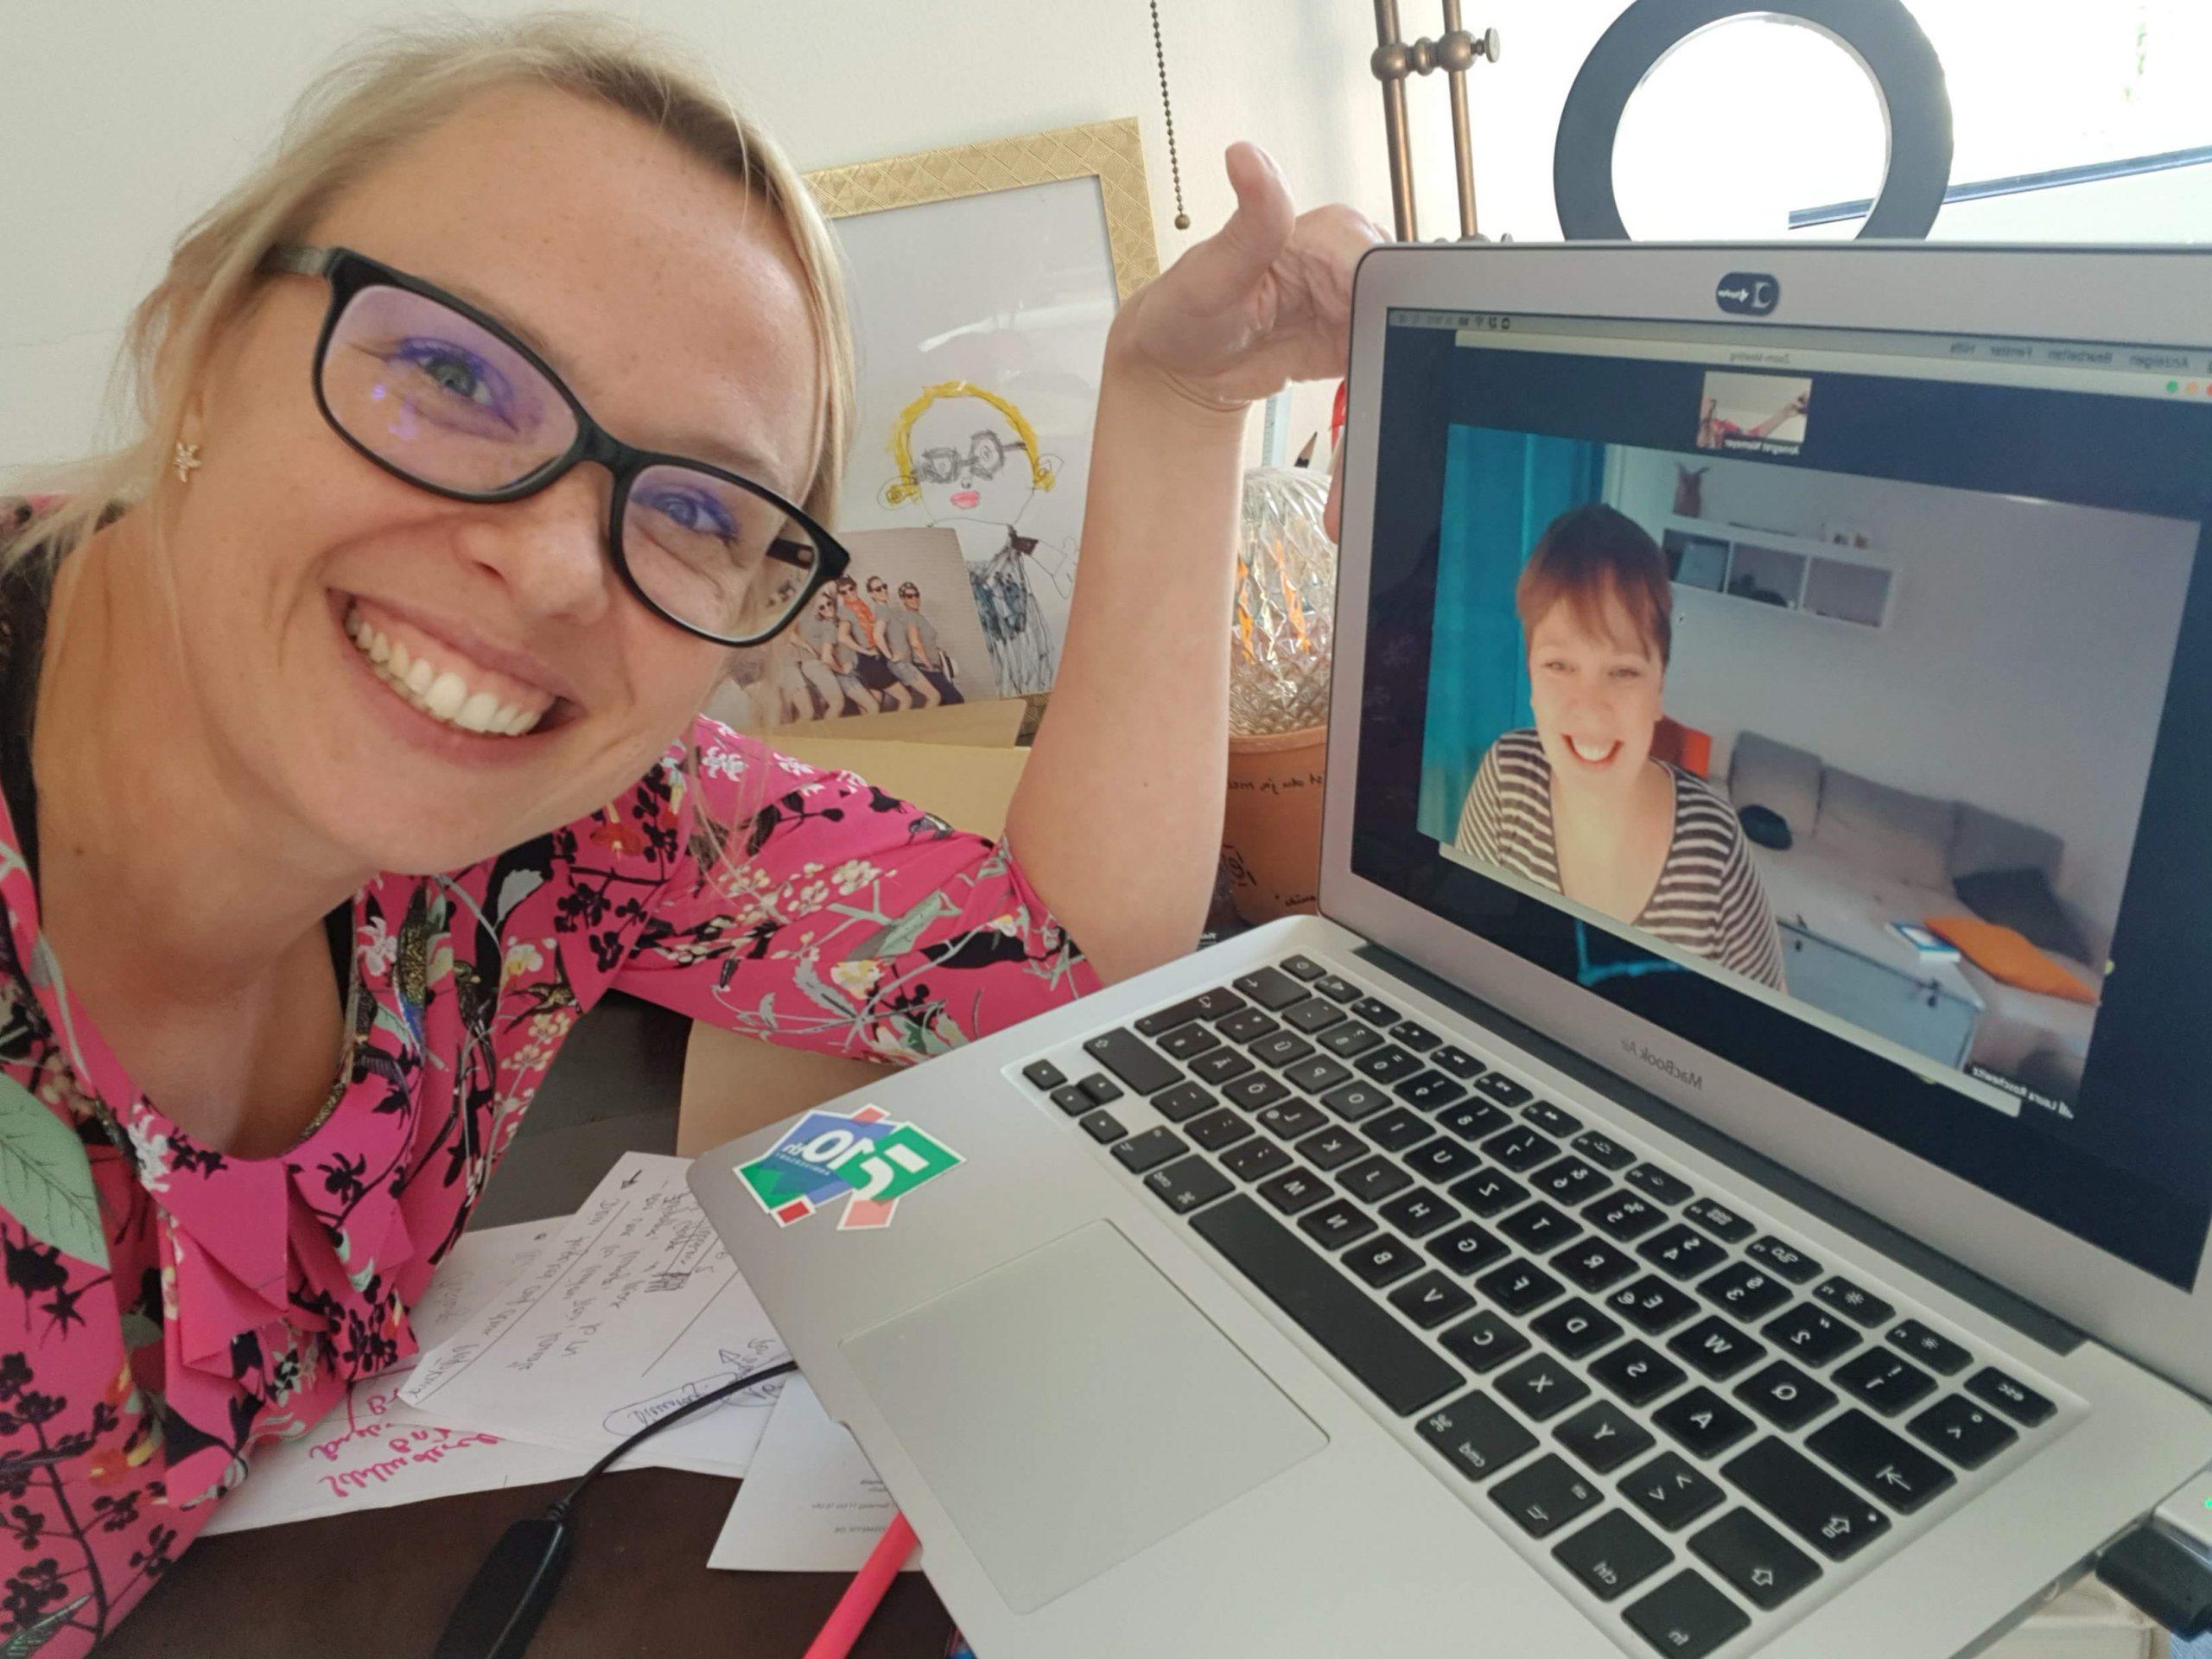 Selfie von Gretel und Laura. Laura ist per Video dazugeschaltet